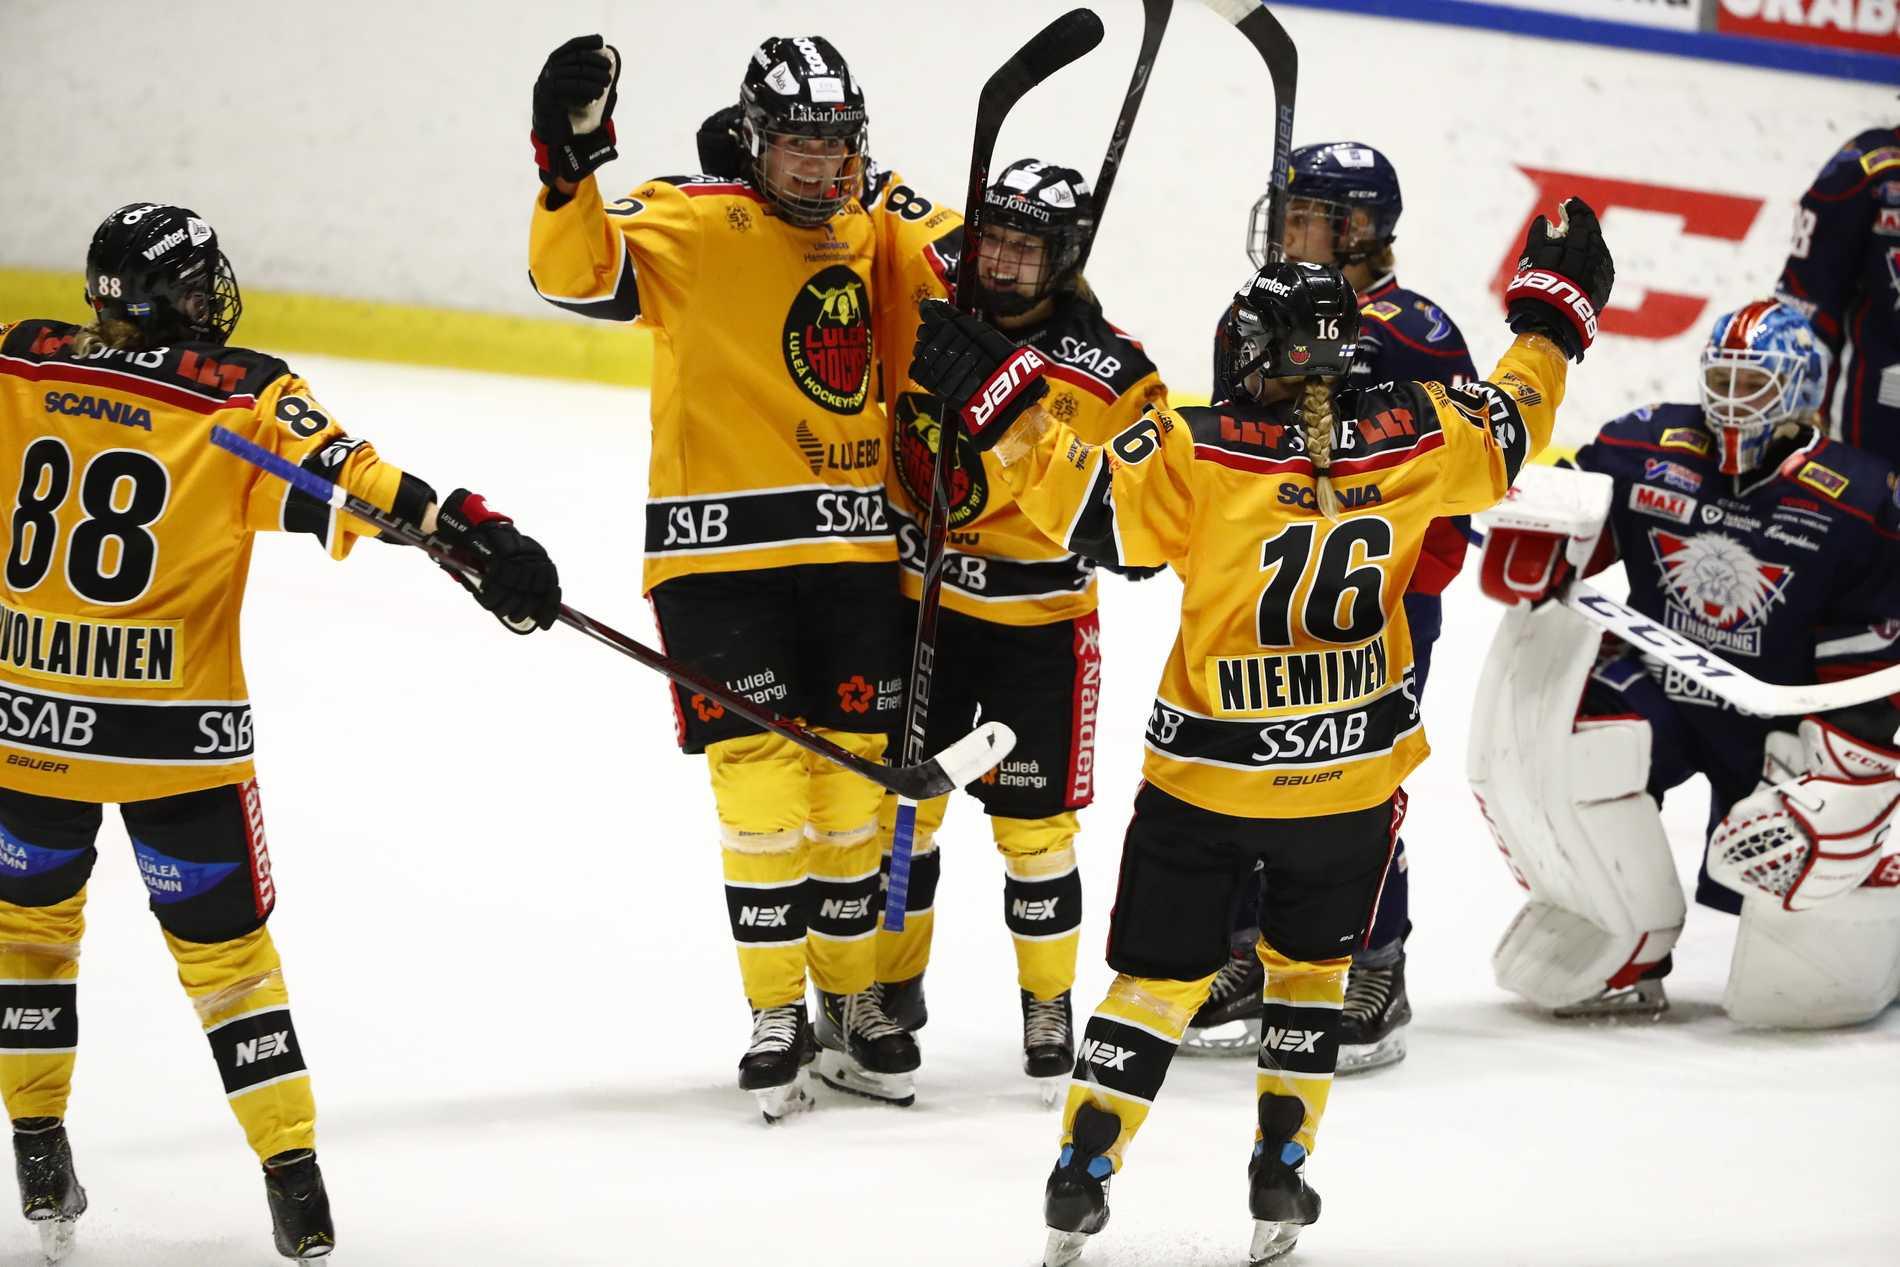 Luleås Nathalie Ferno (C) jublar efter 0-2-målet under fredagens ishockeymatch i SDHL mellan Linköping HC och Luleå HF på Stångebro ishall.